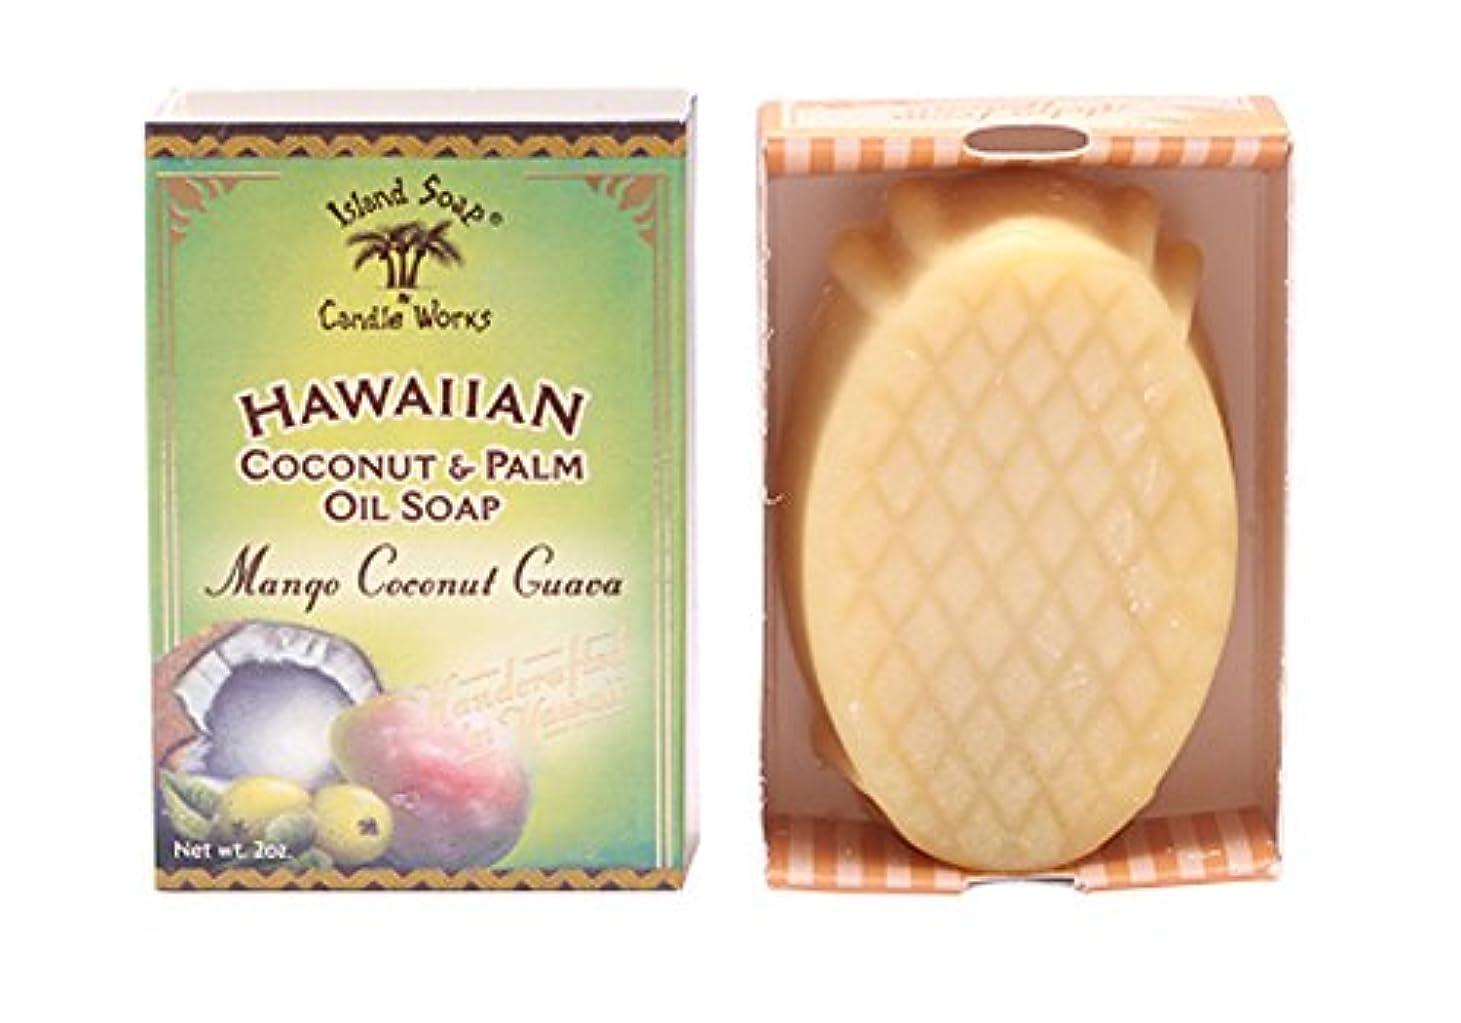 ハイブリッド高音明確なアイランドソープ ココナッツソープ マンゴココナッツ 50g